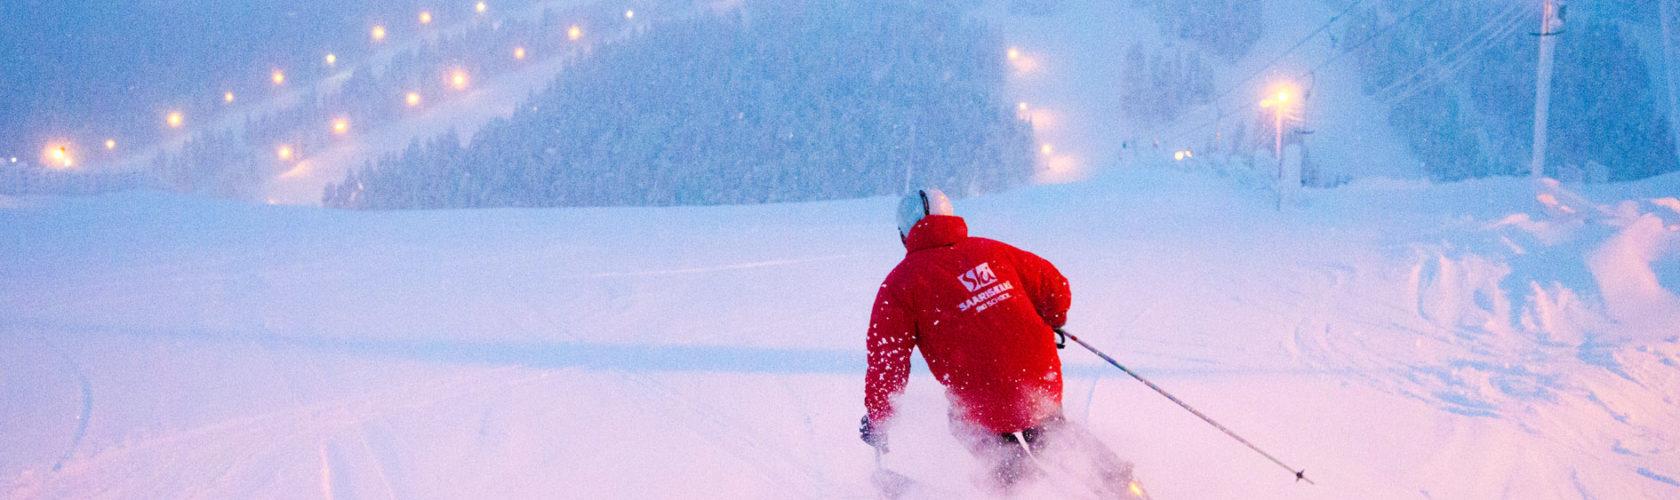 Der Großteil der finnischen Pisten ist beleuchtet, somit kann auch bei Dunkelheit Ski gefahren werden. Der abgebildete Skifahrer genießt eine Abendfahrt in Saariselkä.